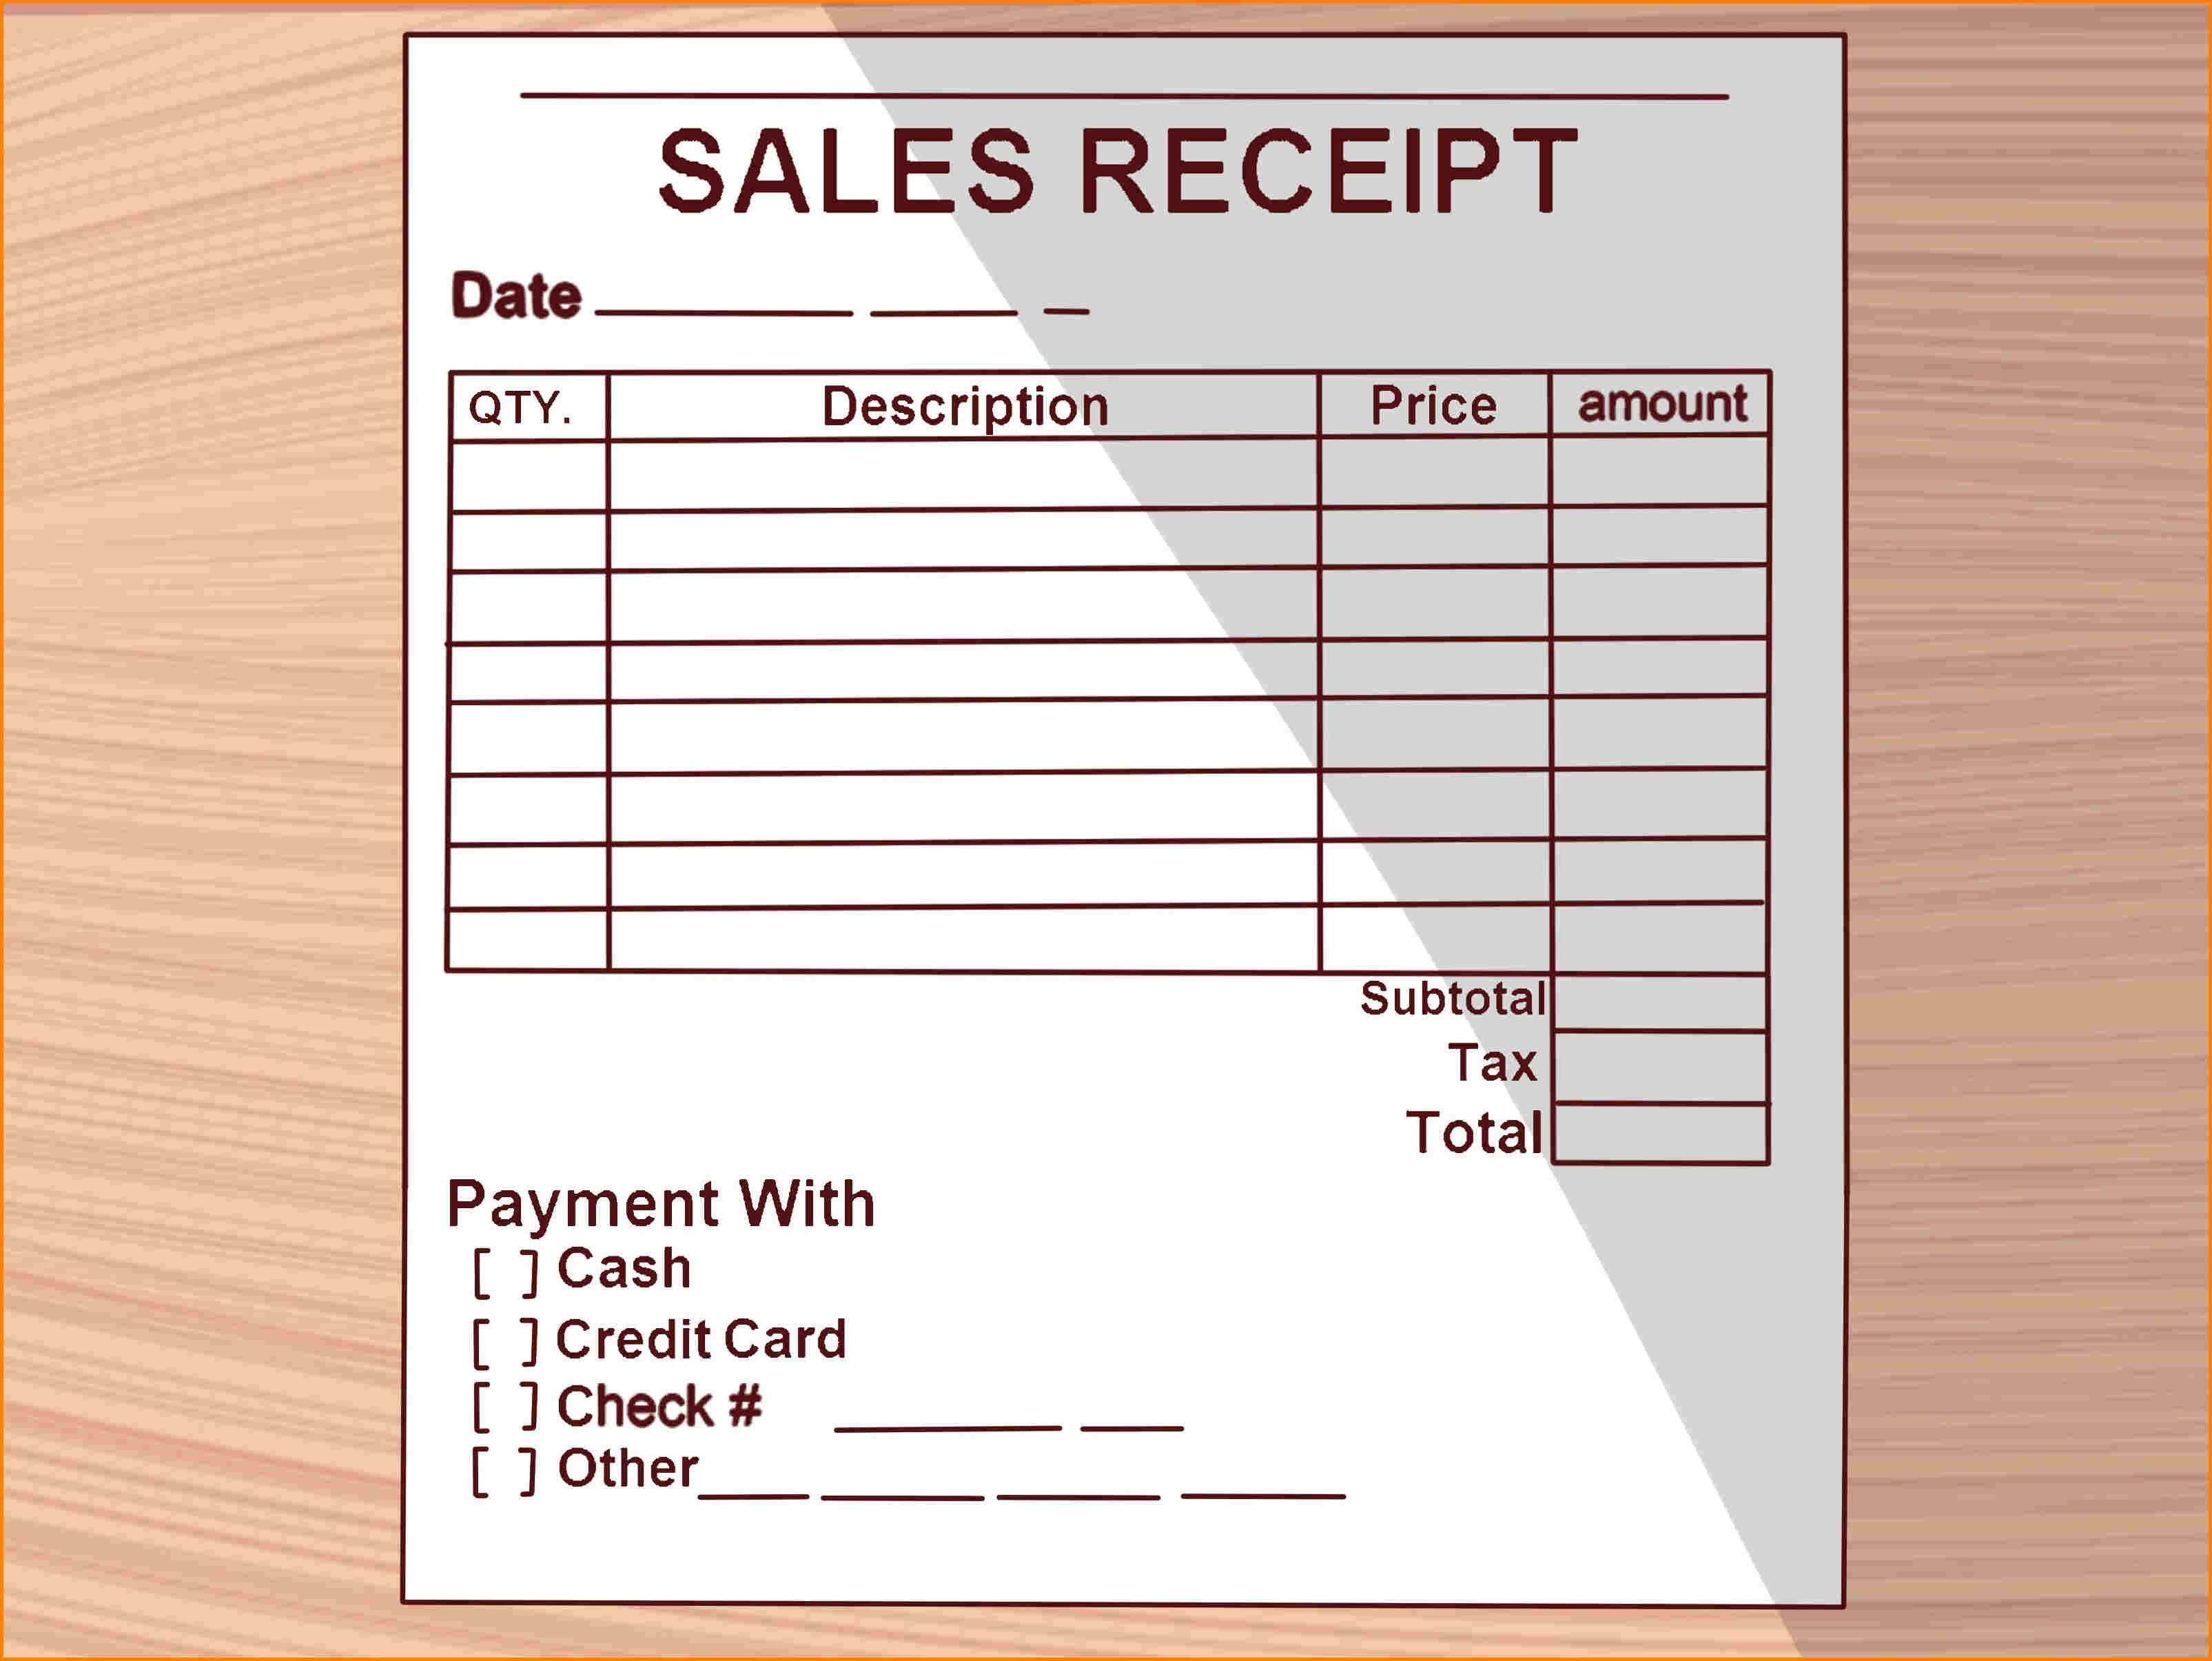 New How To Write A Receipt Xls Xlsformat Xlstemplates Xlstemplate Check More At Https Mavensocial Co How To Write A Receipt